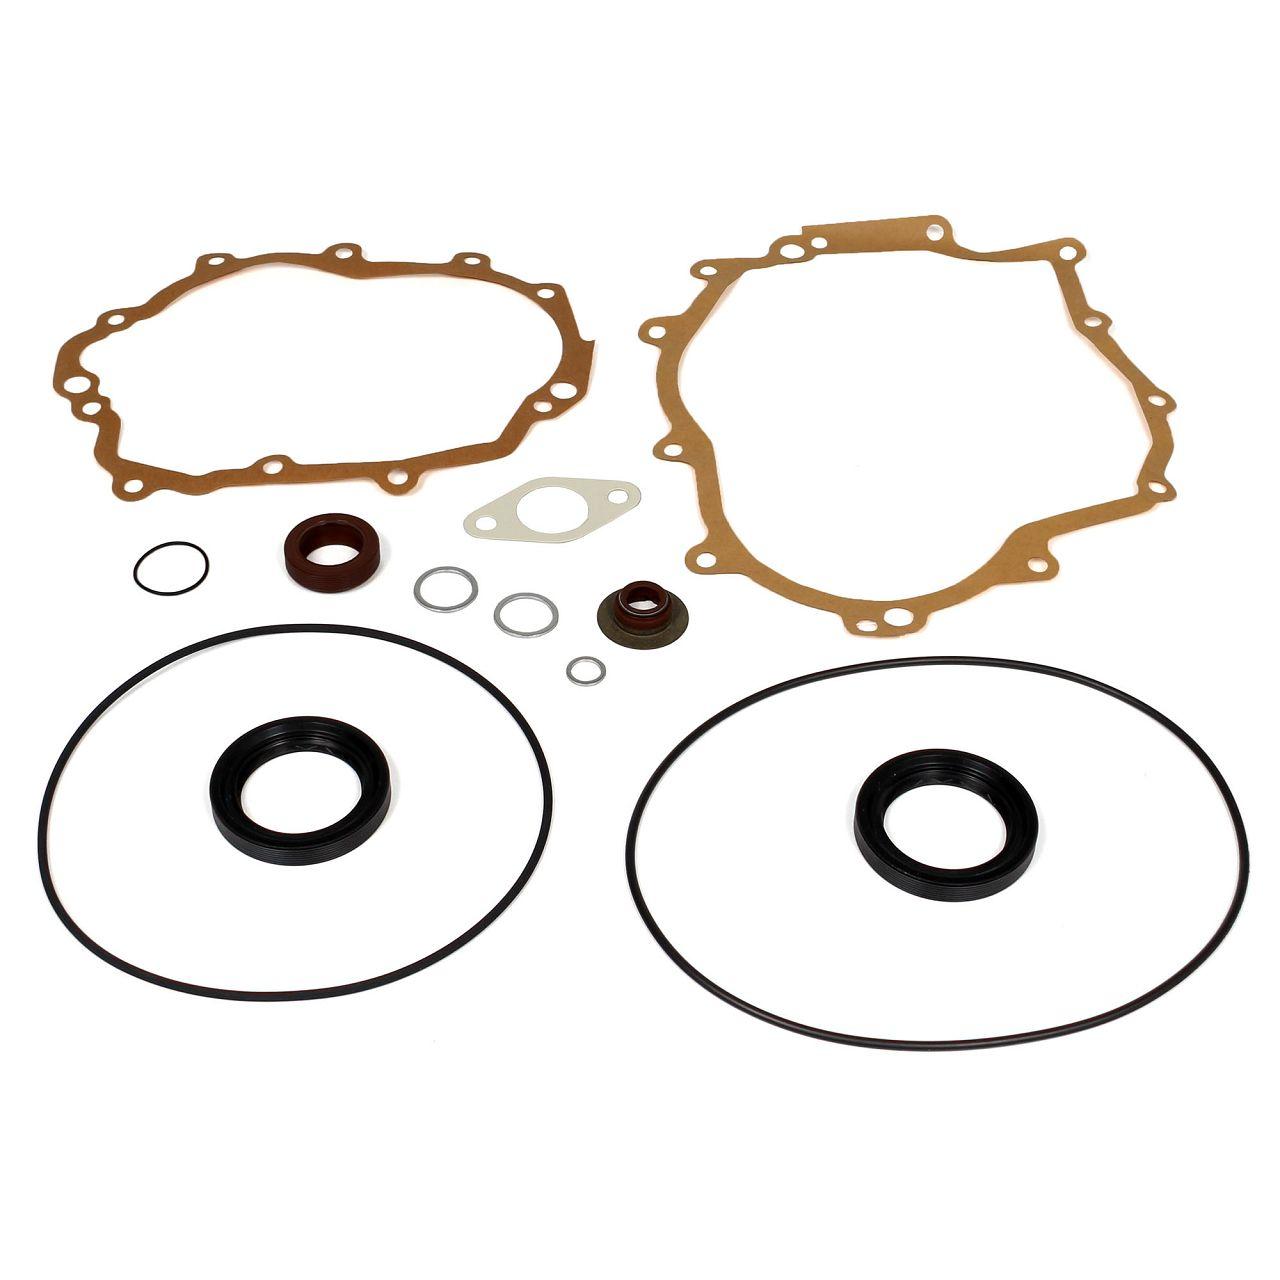 Dichtungssatz Schaltgetriebe G50 für PORSCHE 911 86-89 + 964 993 96430091200